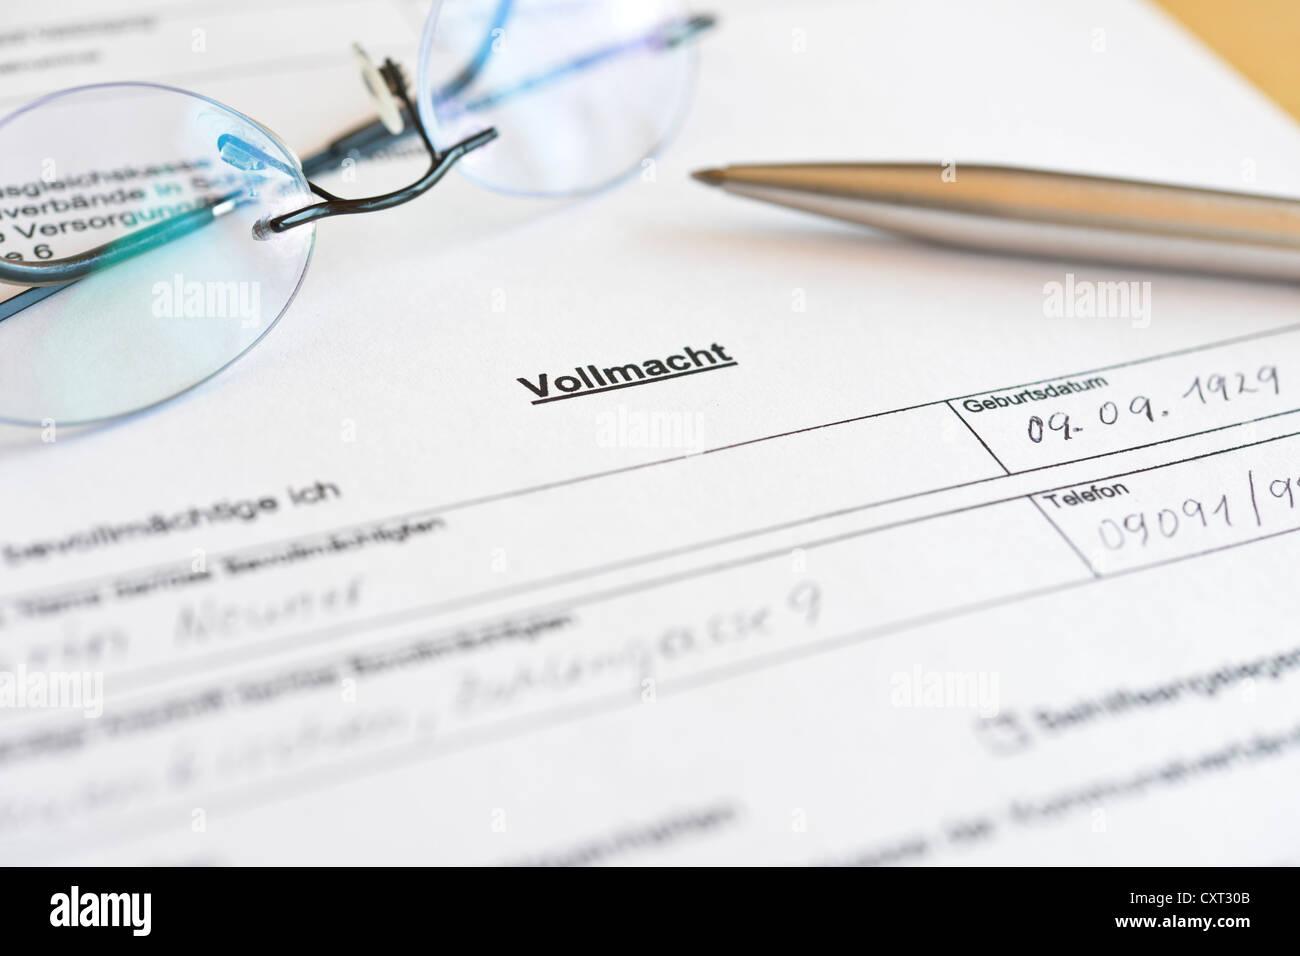 Abgeschlossen Vollmacht Formular Deutschland Europa Stockfoto